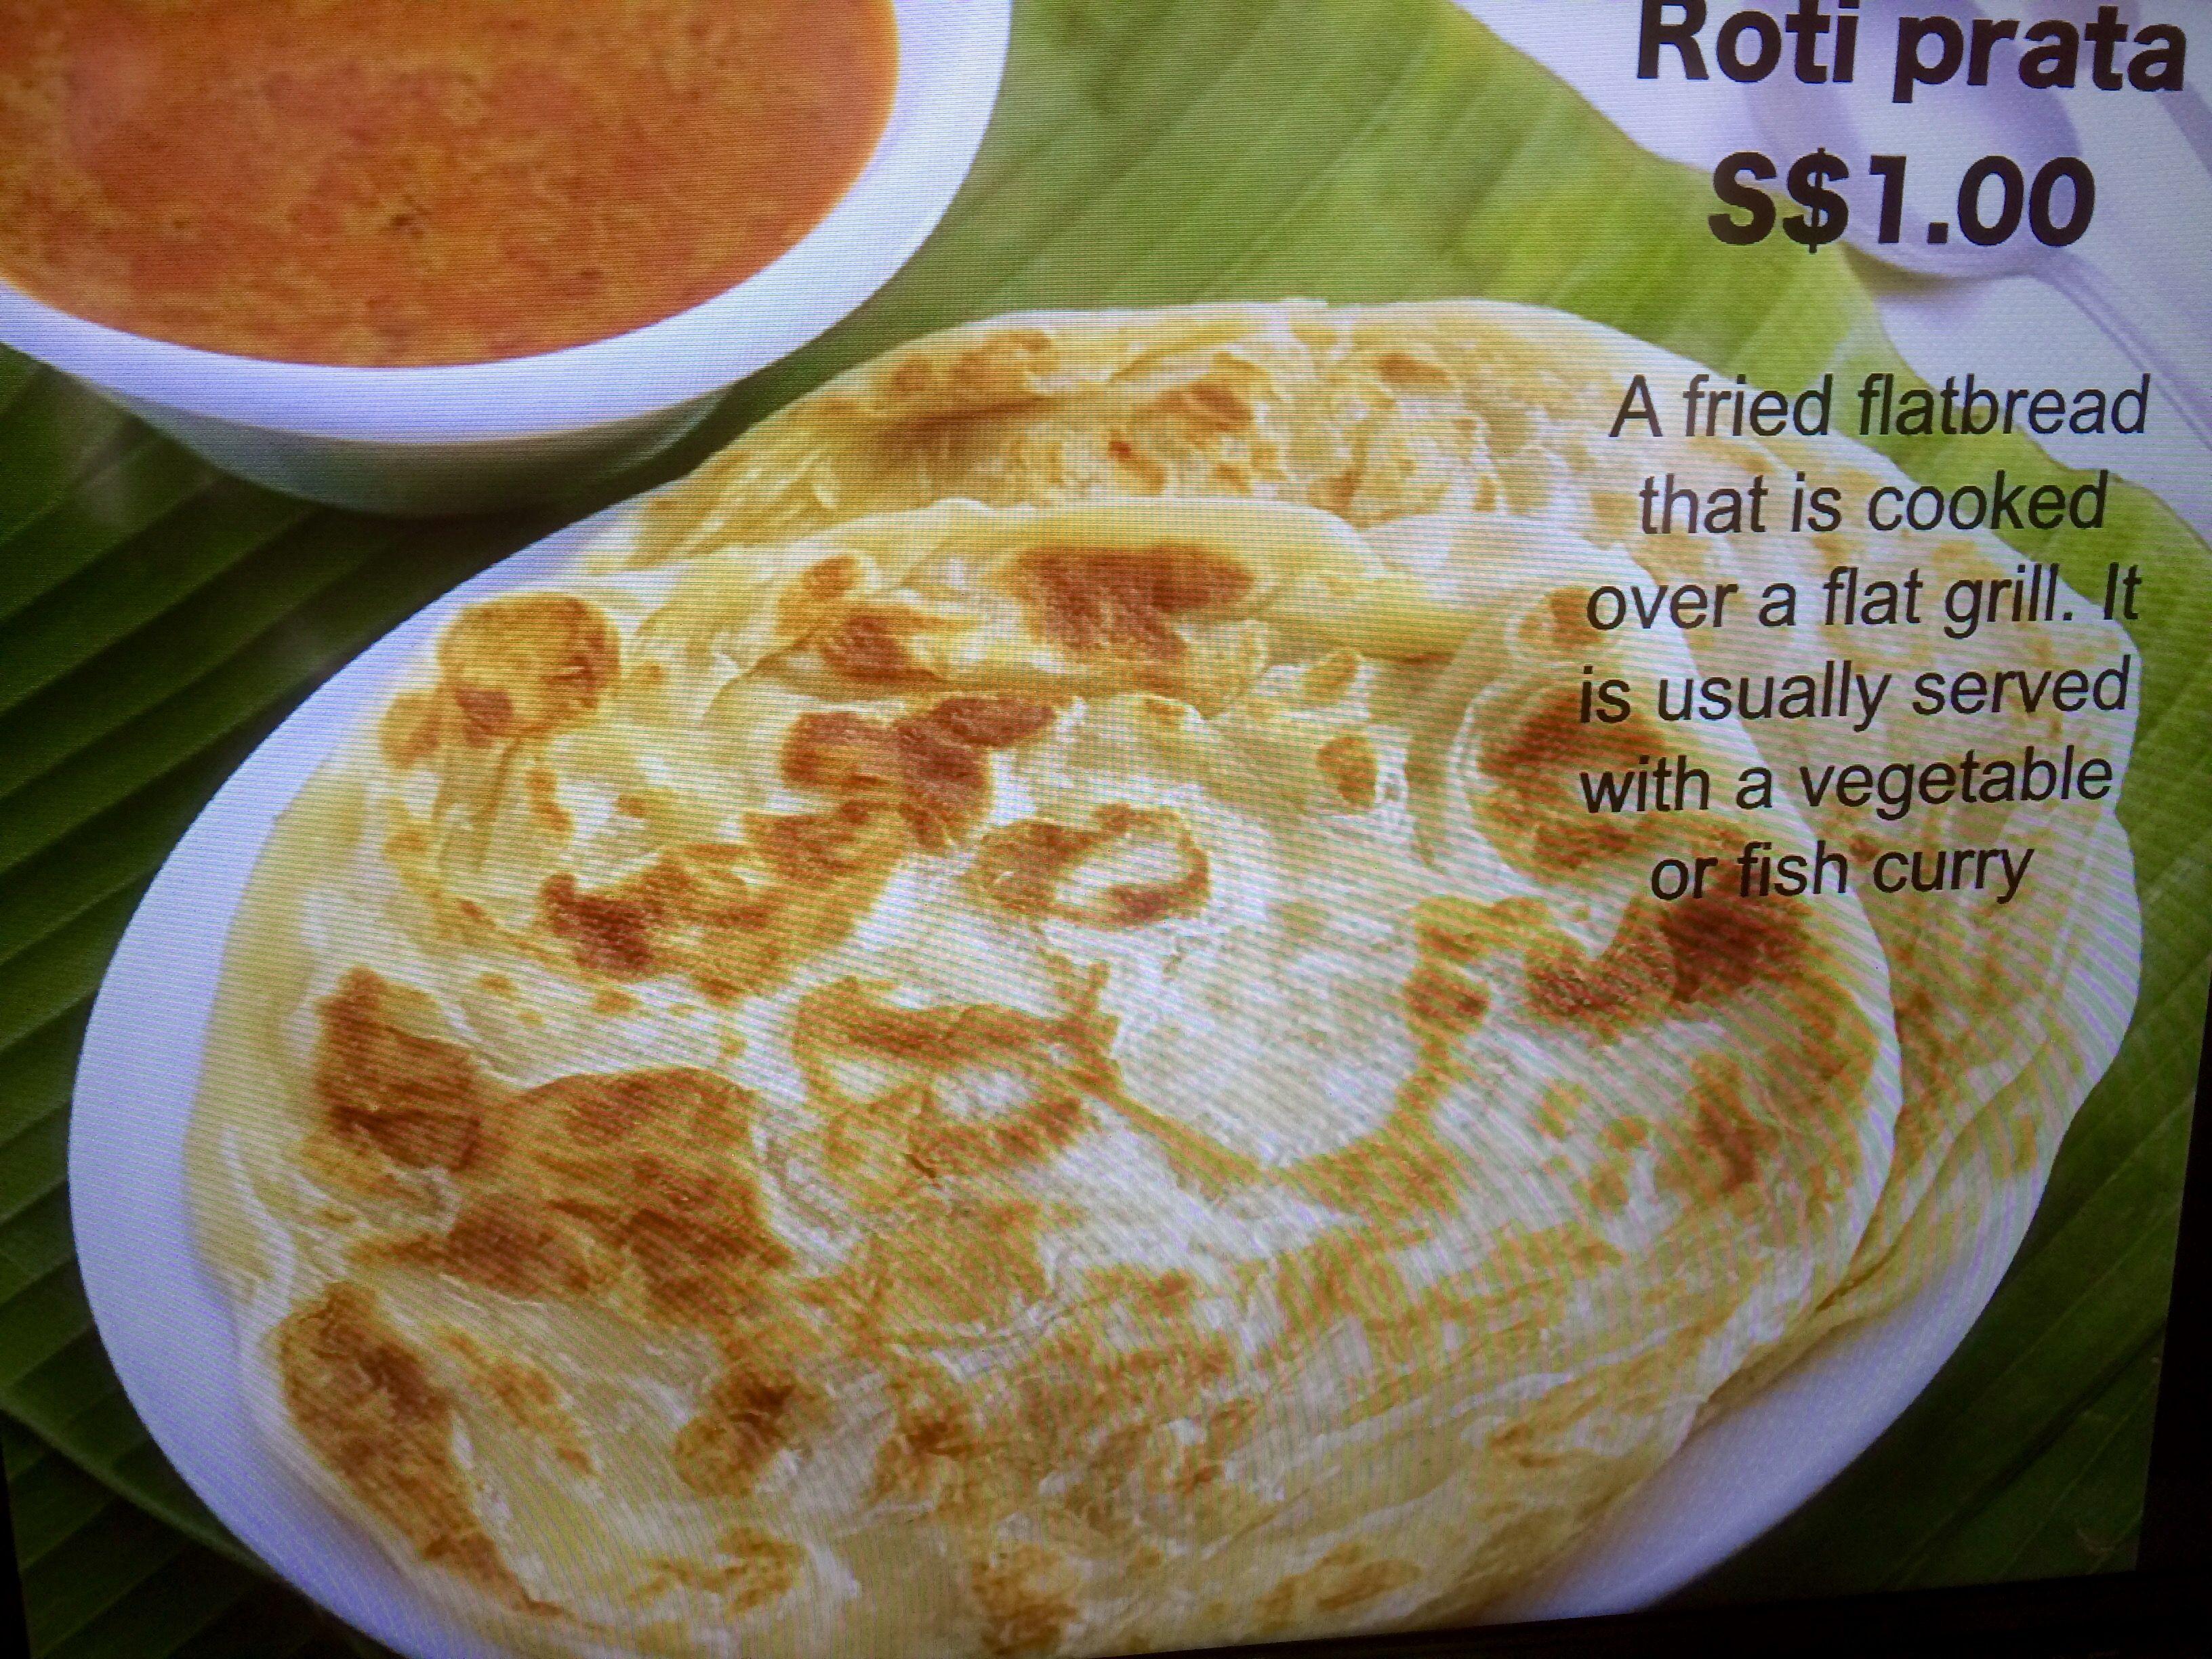 Roti Prata or flat bread.